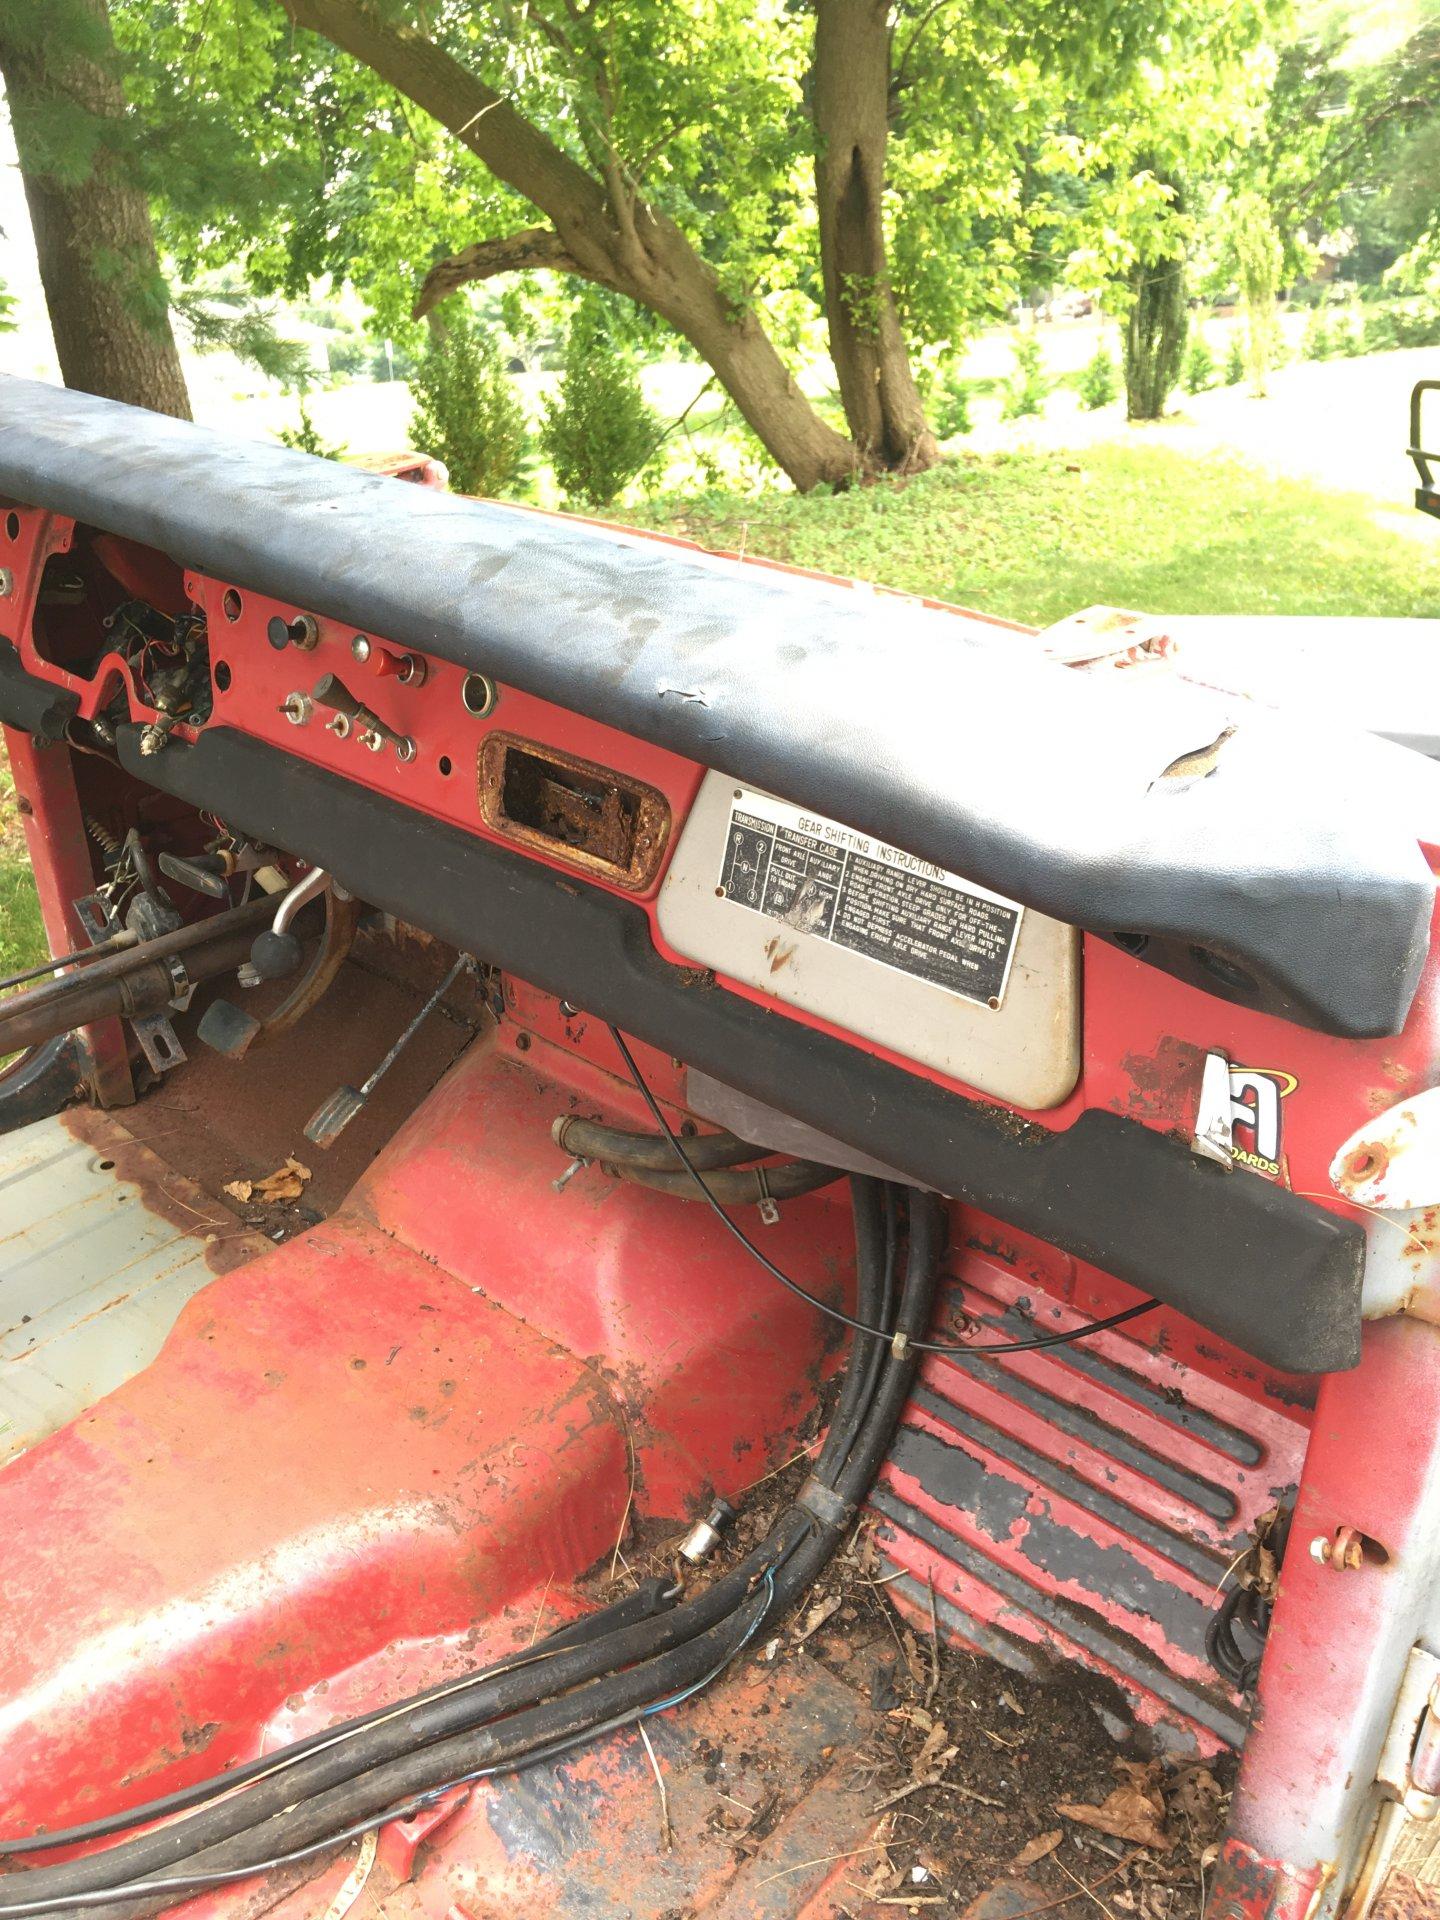 BA23A11A-32A6-418E-B7E5-E1CB436EA591.jpeg